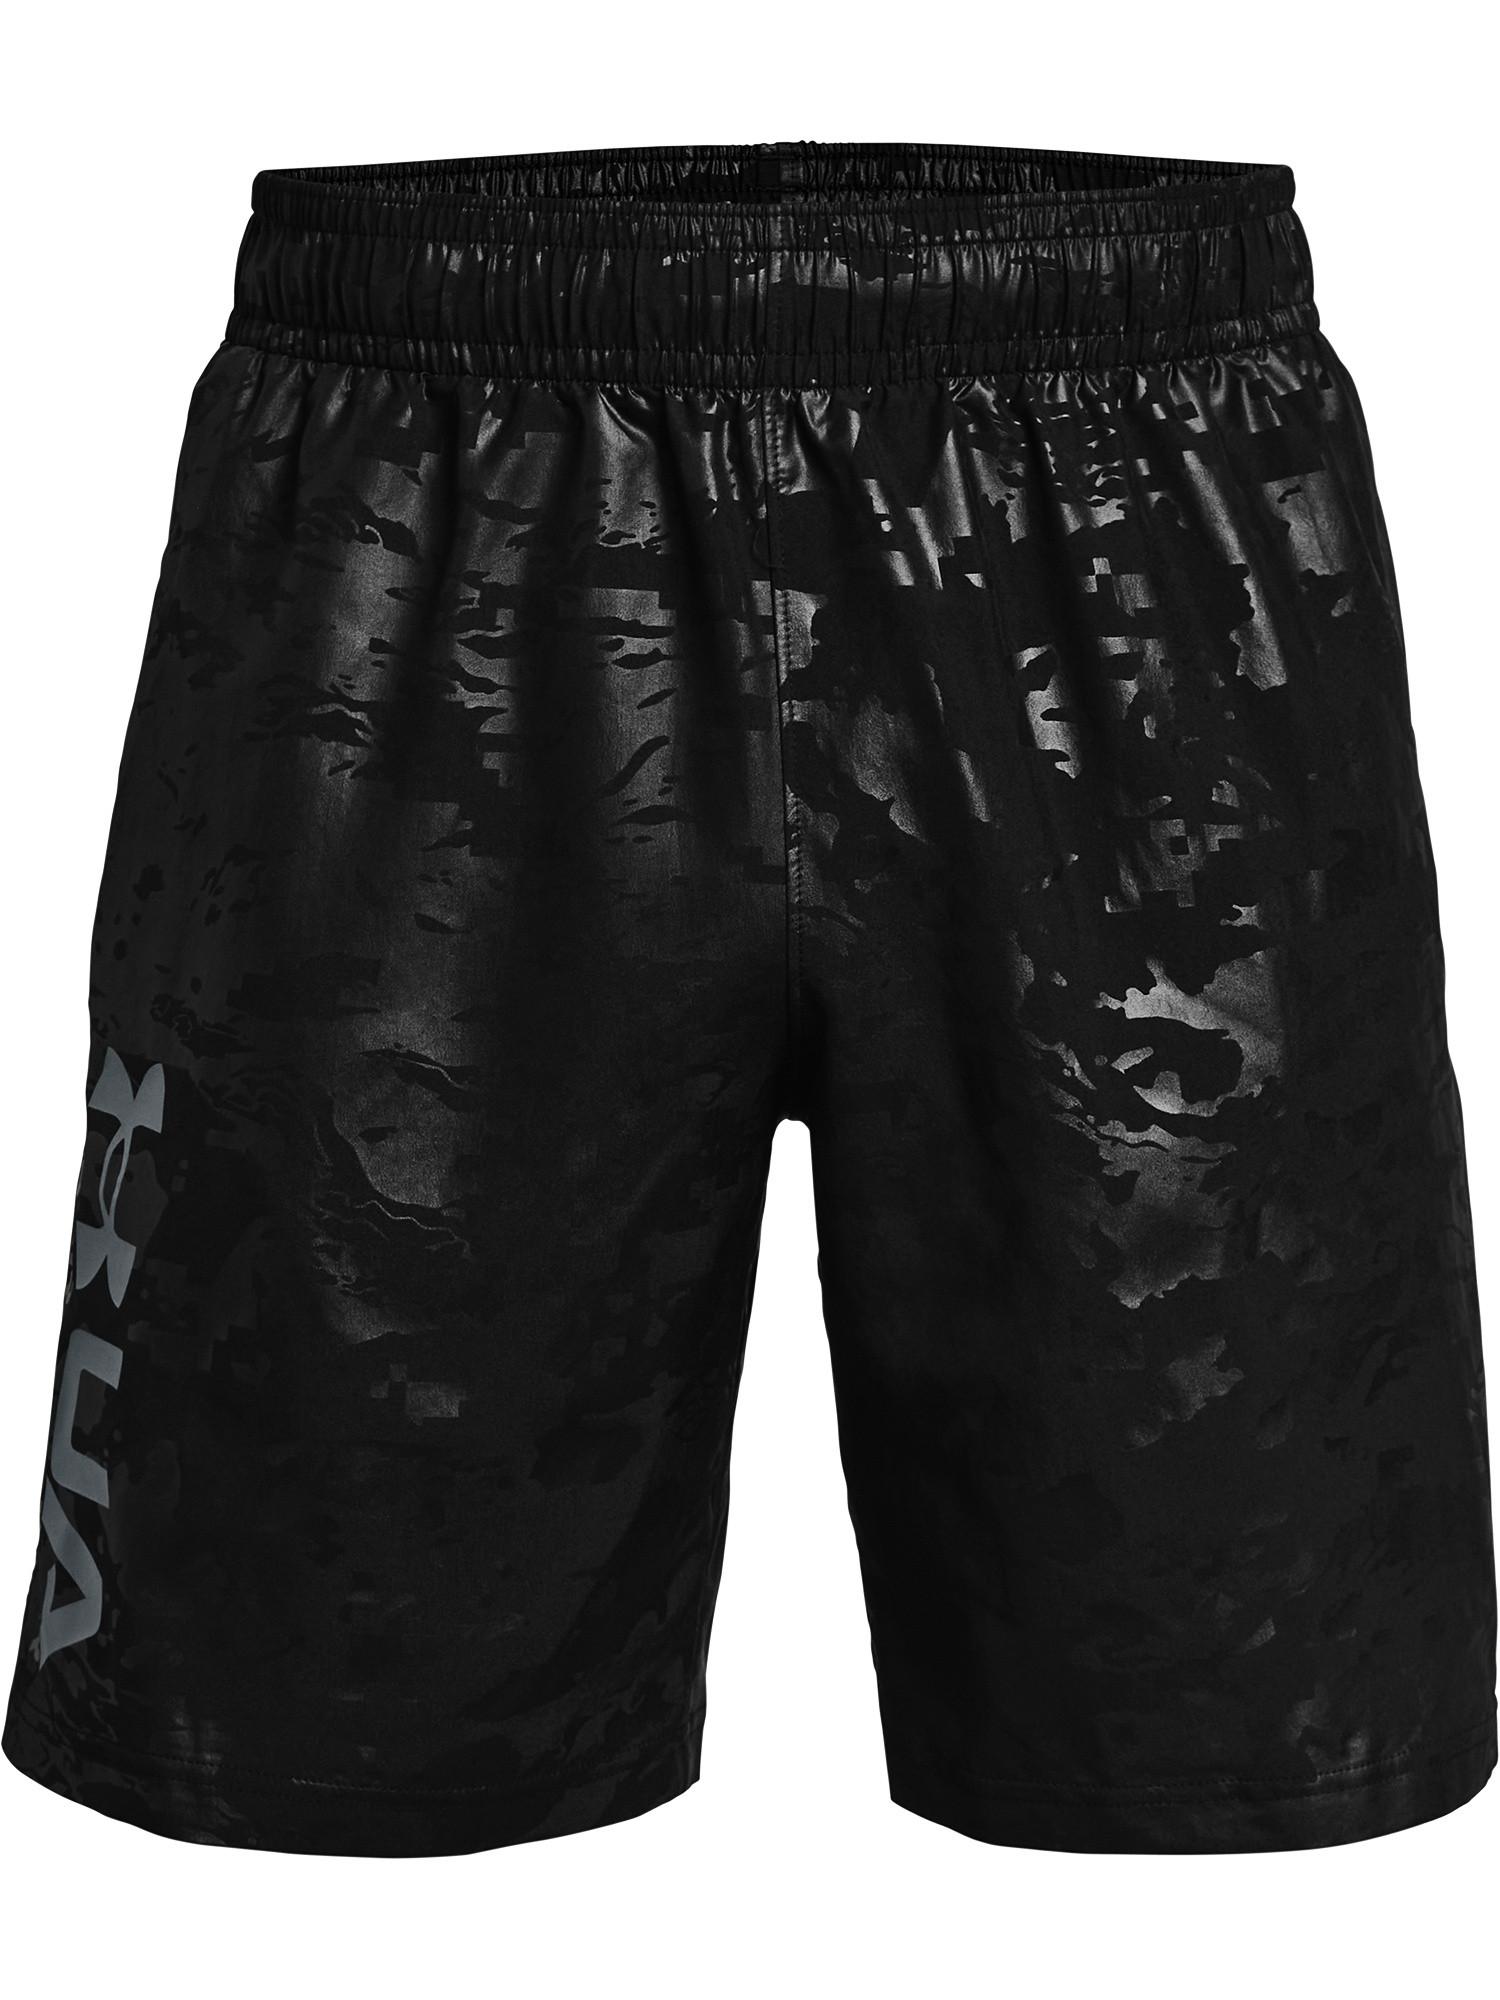 Shorts UA Woven Emboss da uomo, Nero, large image number 0